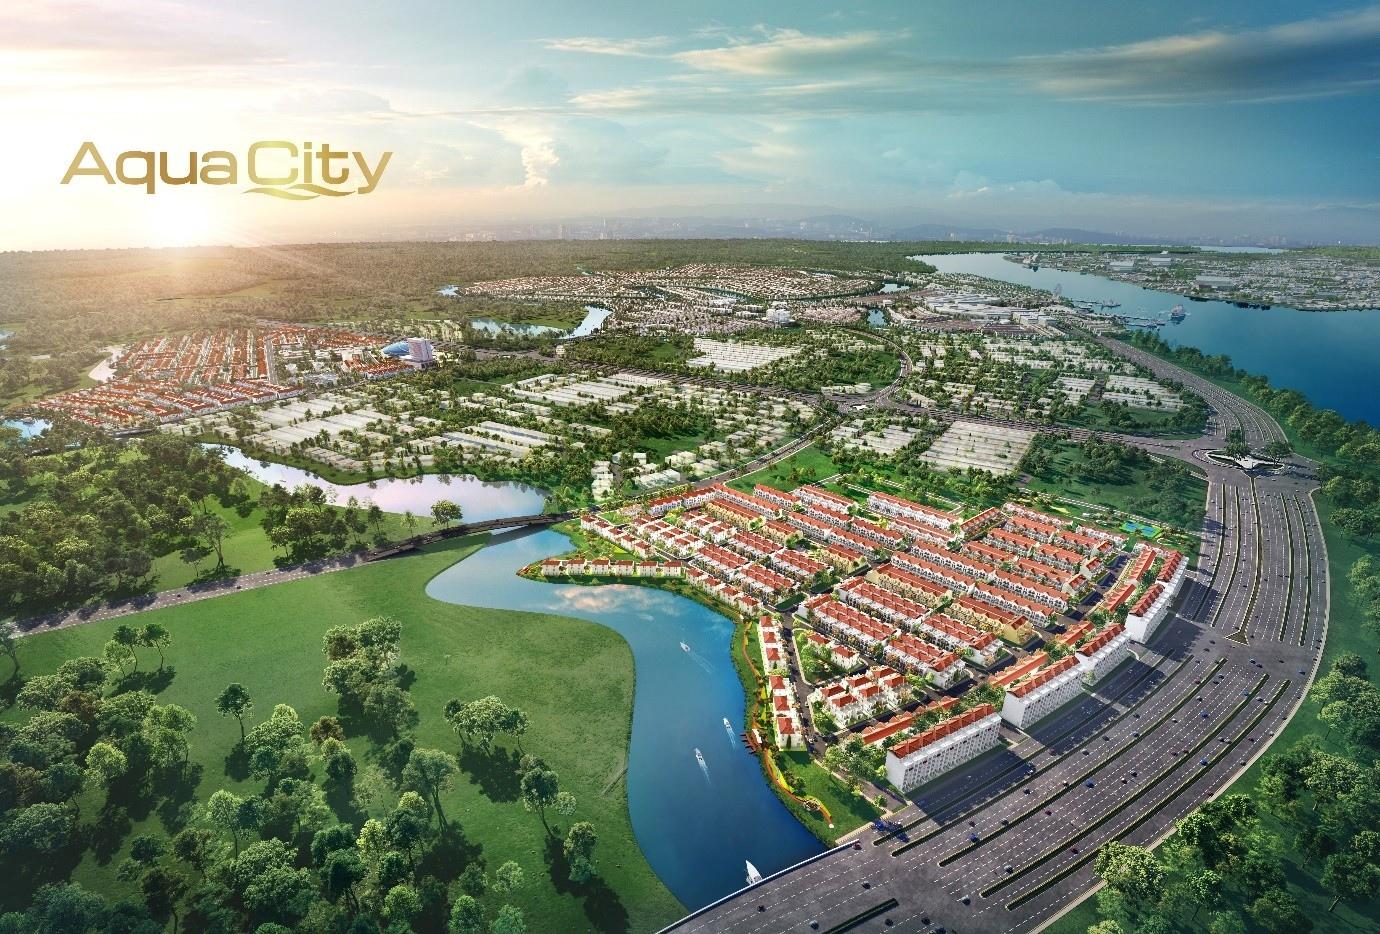 Dự án Aqua City nổi bật nhất là khu cửa ngõ River Park 1